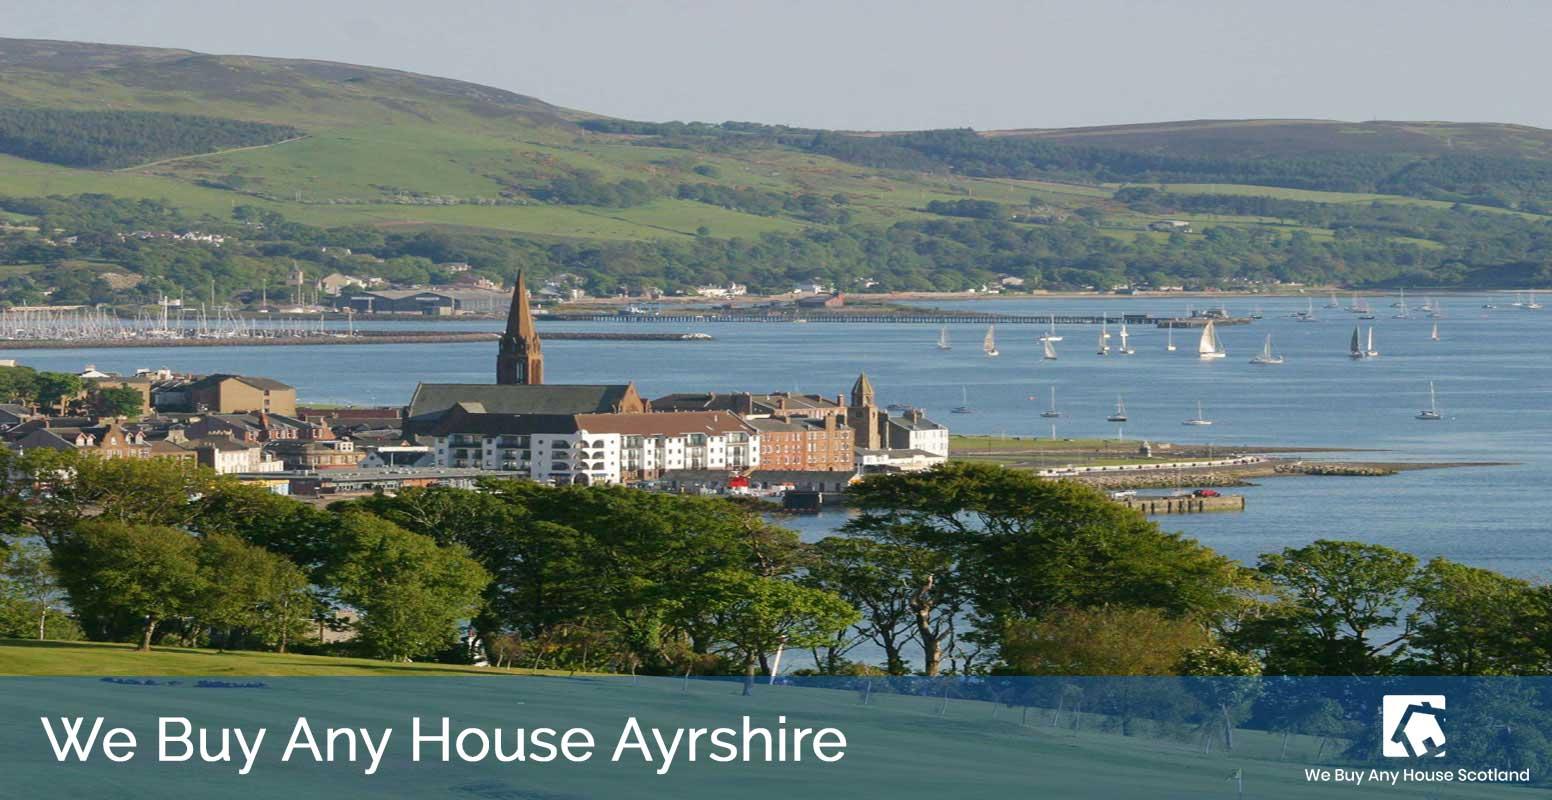 We Buy Any House Ayrshire